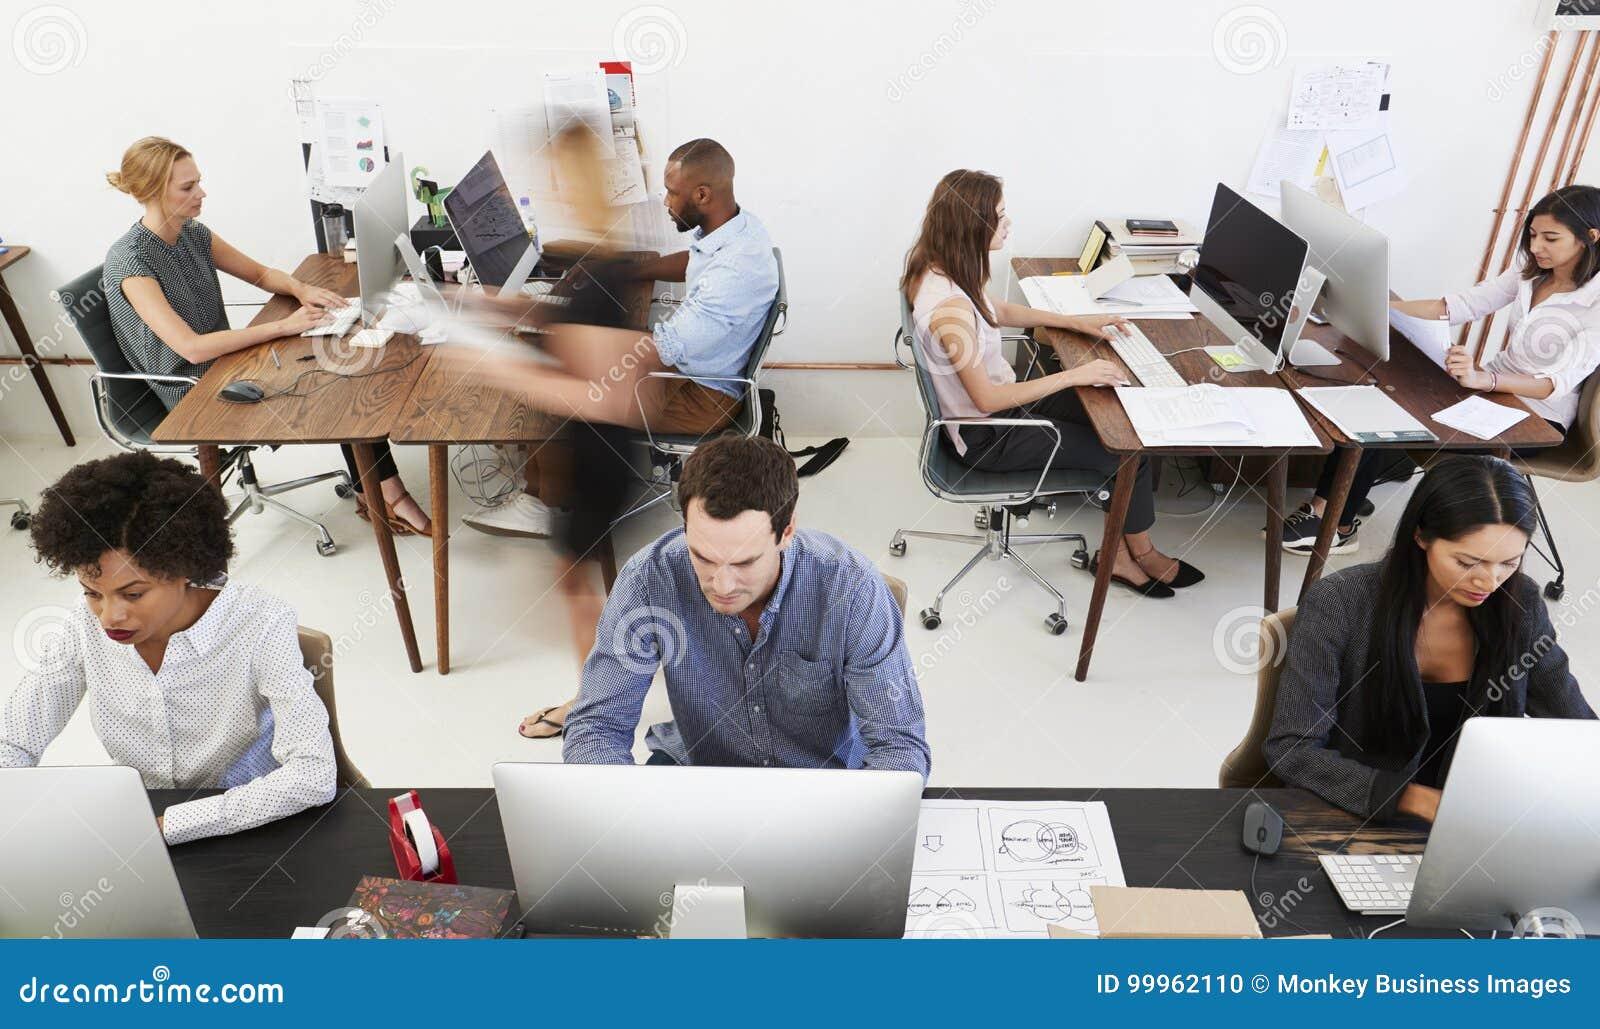 Colegas em computadores em um escritório de plano aberto, vista dianteira